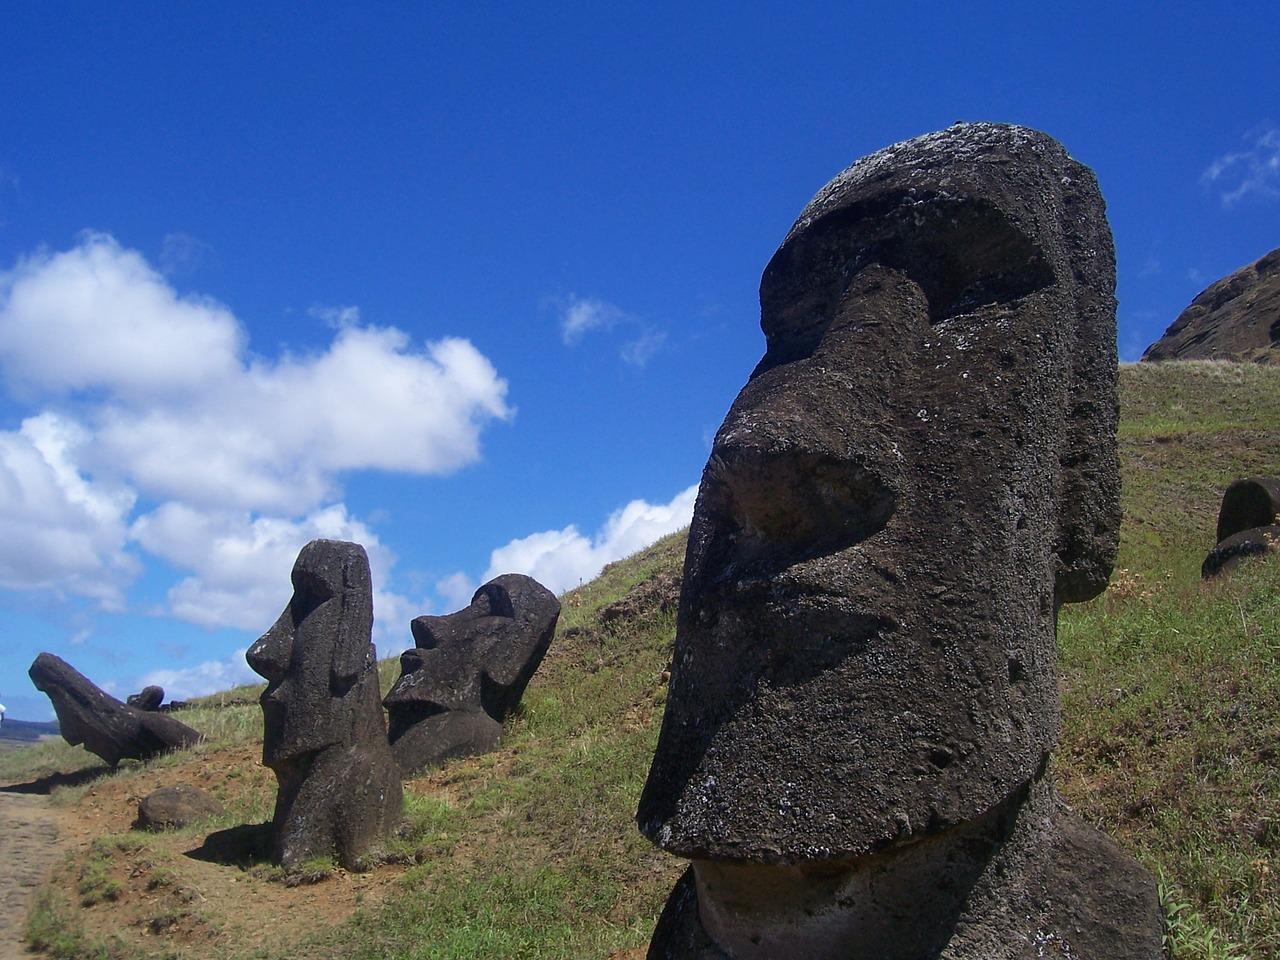 Estudio dice que habitantes de Rapa Nui no tuvieron contacto con sudamericanos antes de la llegada de los europeos